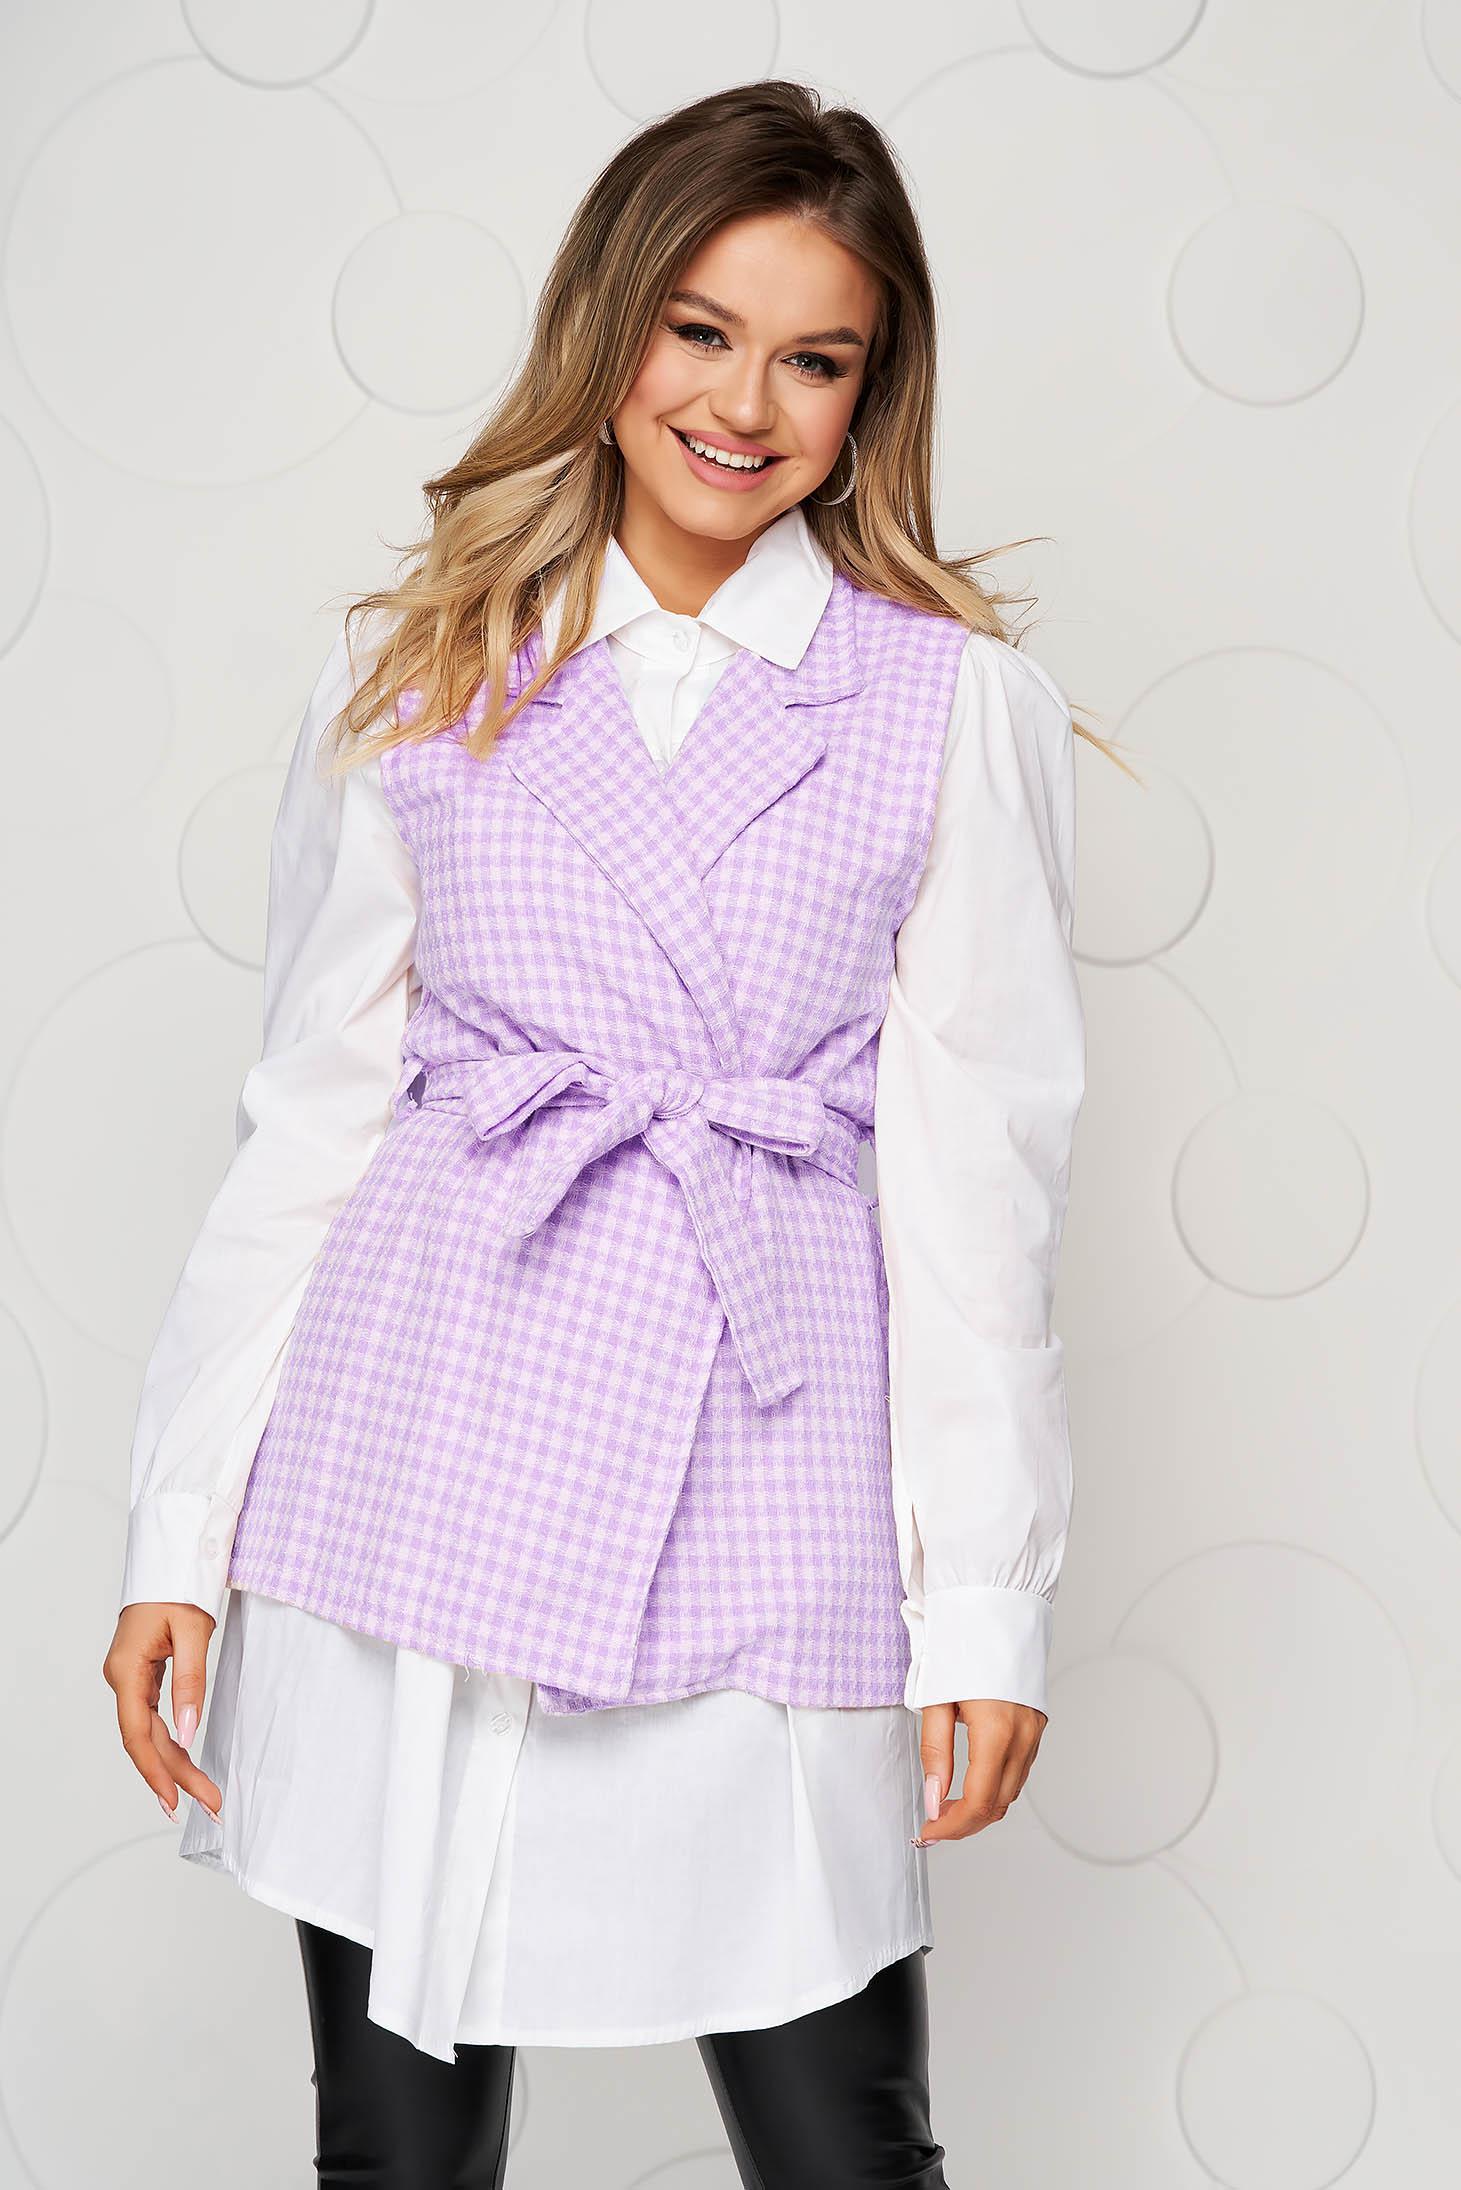 Bő szabású lila kockás casual női ing övvel ellátva